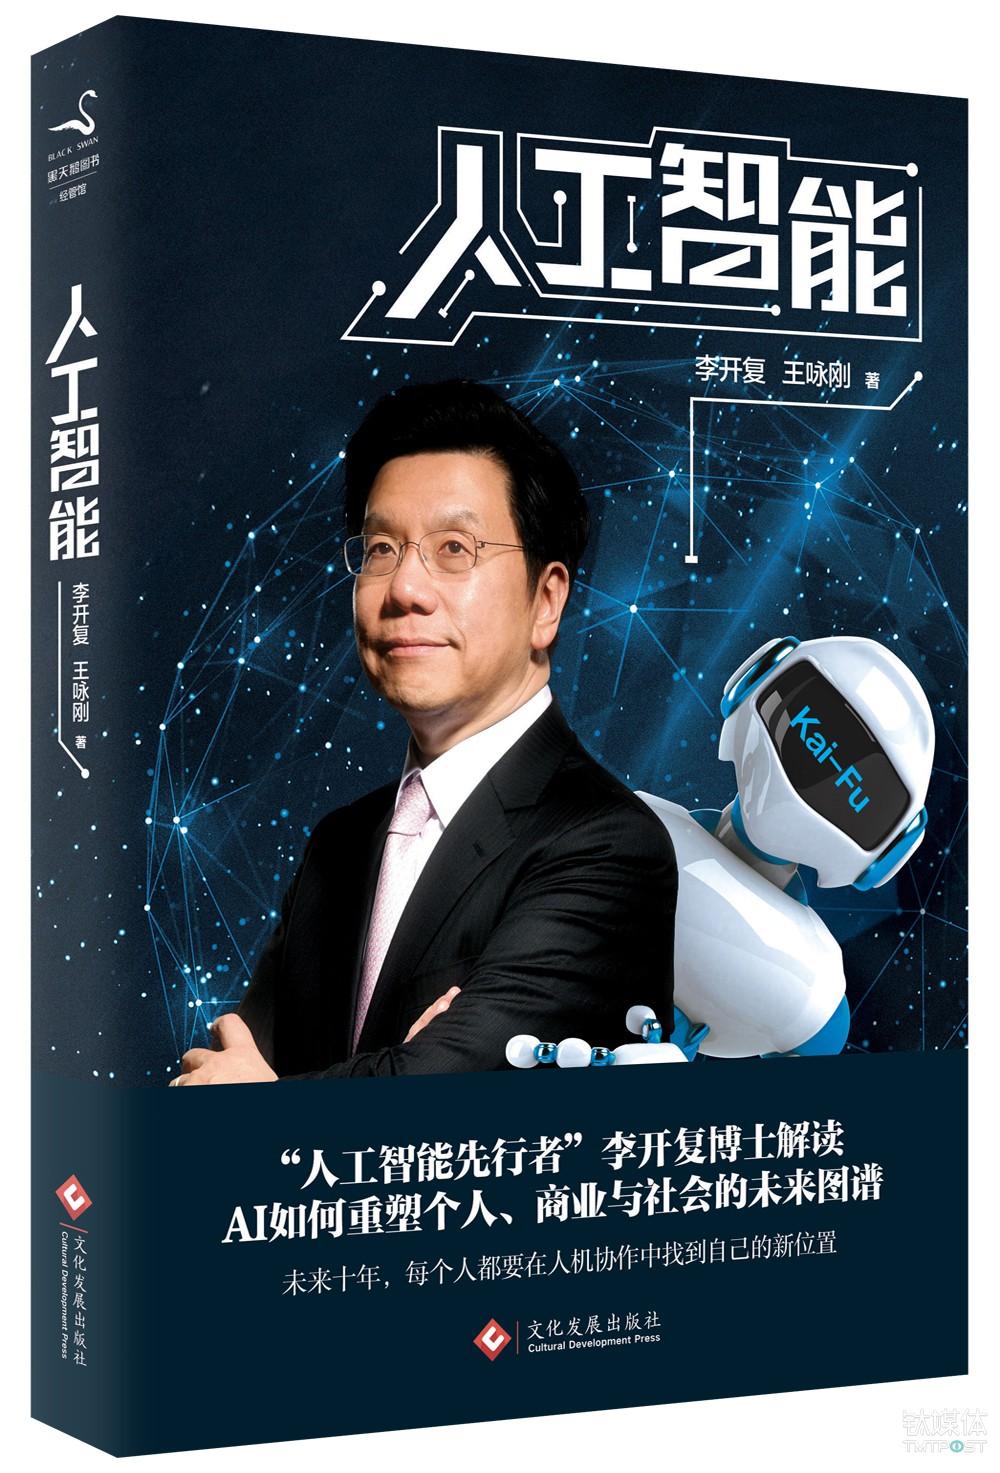 李开复博士亲笔签名的新书《人工智能》